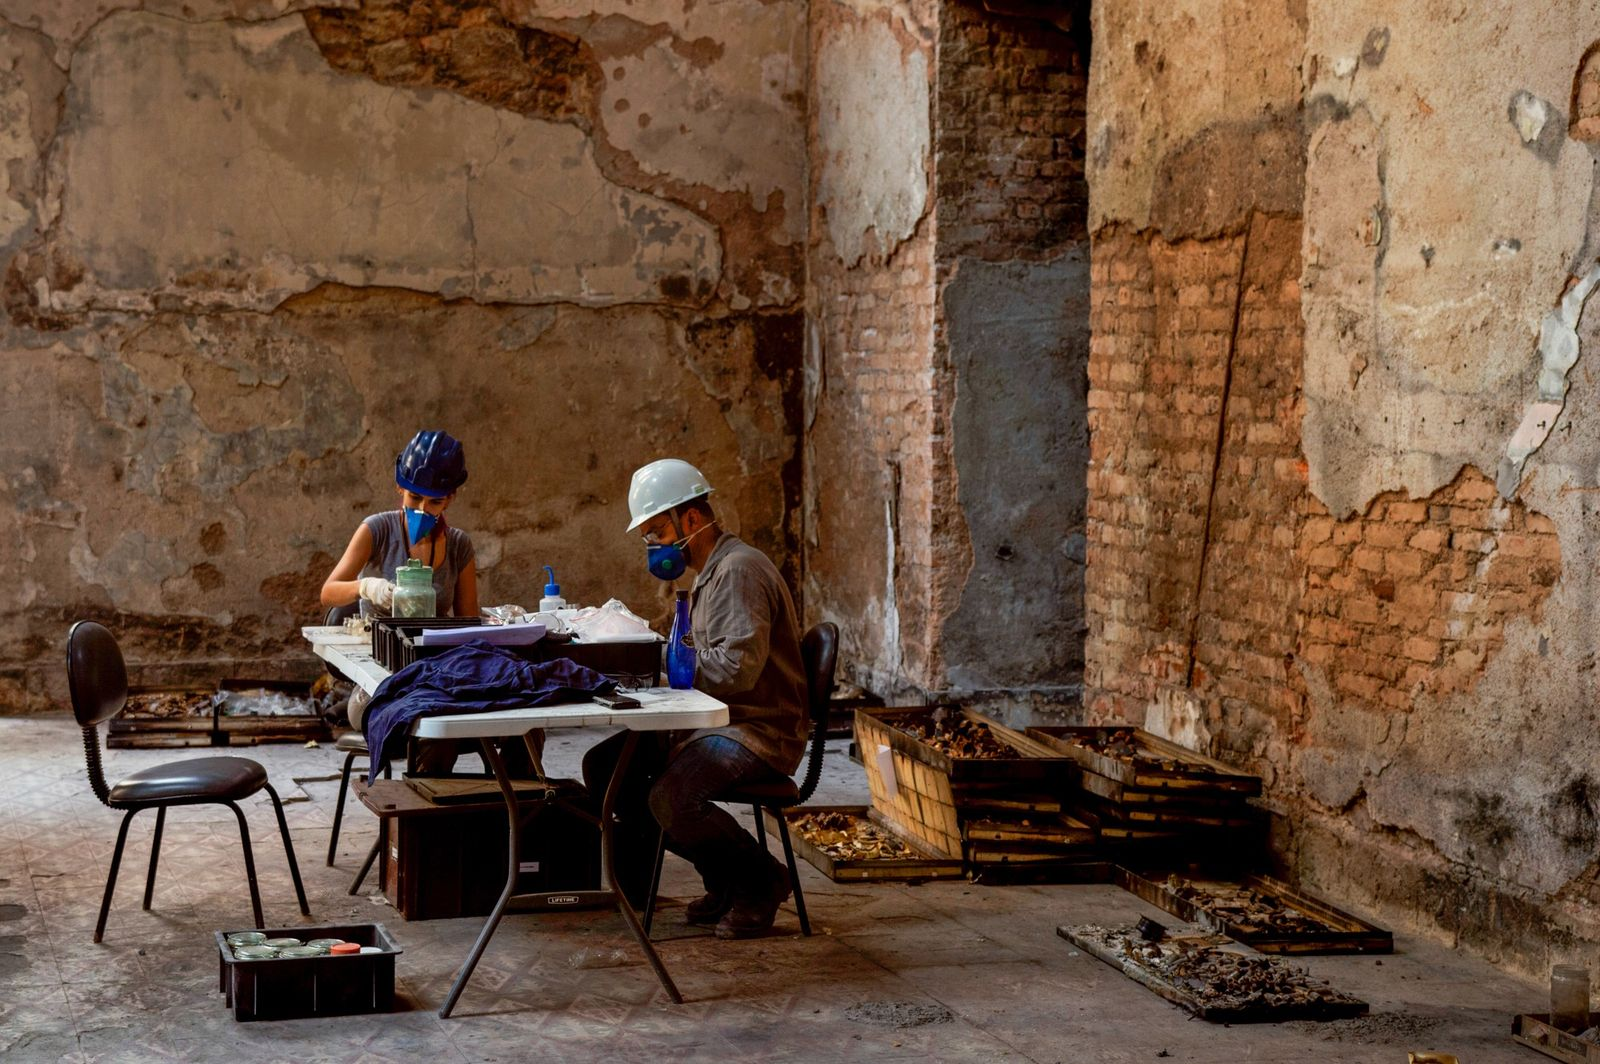 Museu Nacional já catalogou mais de 2 mil itens do acervo encontrados em meio a escombros